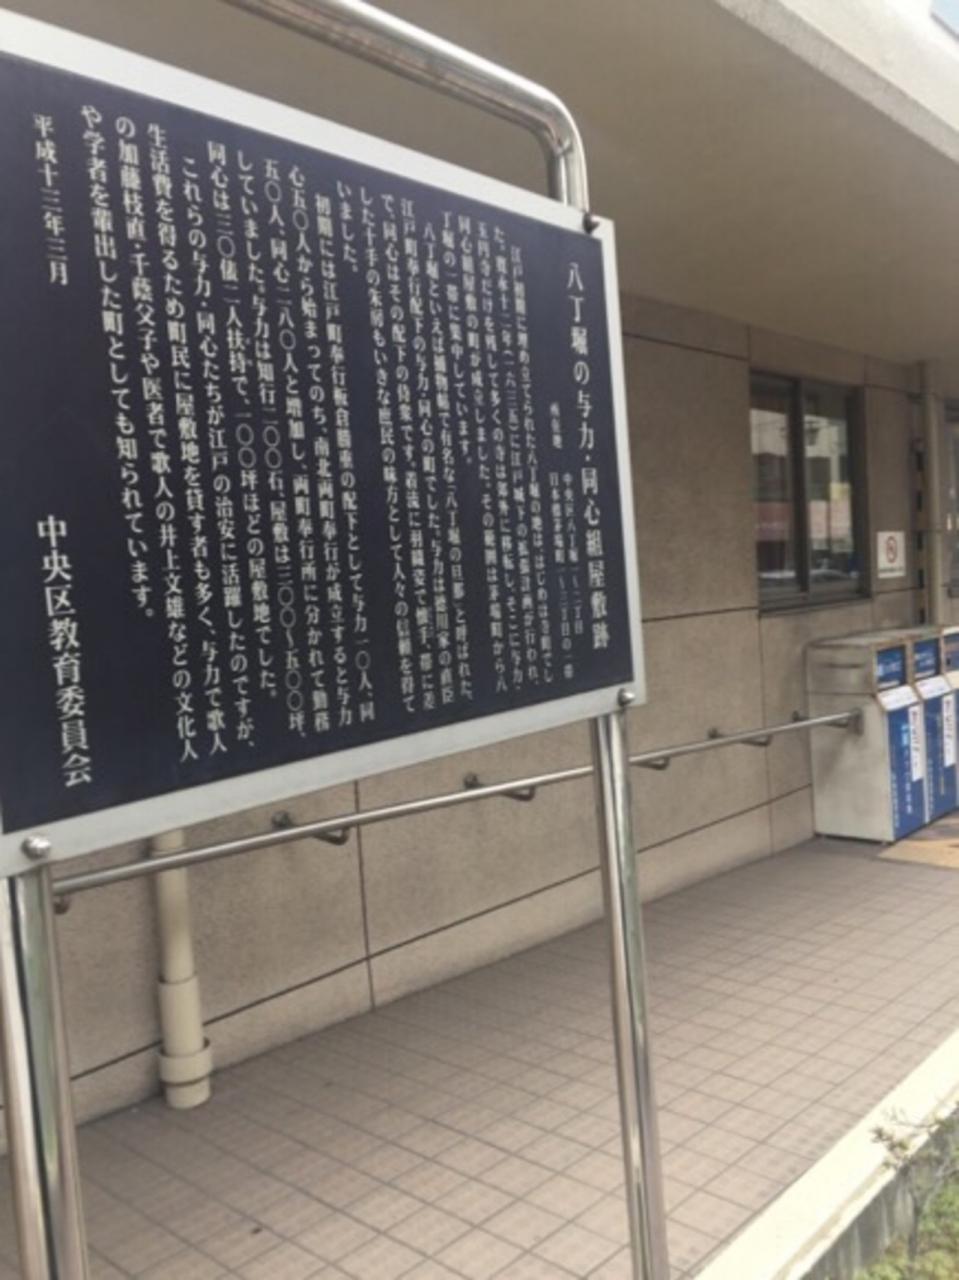 八丁堀与力・同心組屋敷跡 クチコミ一覧【フォートラベル ...